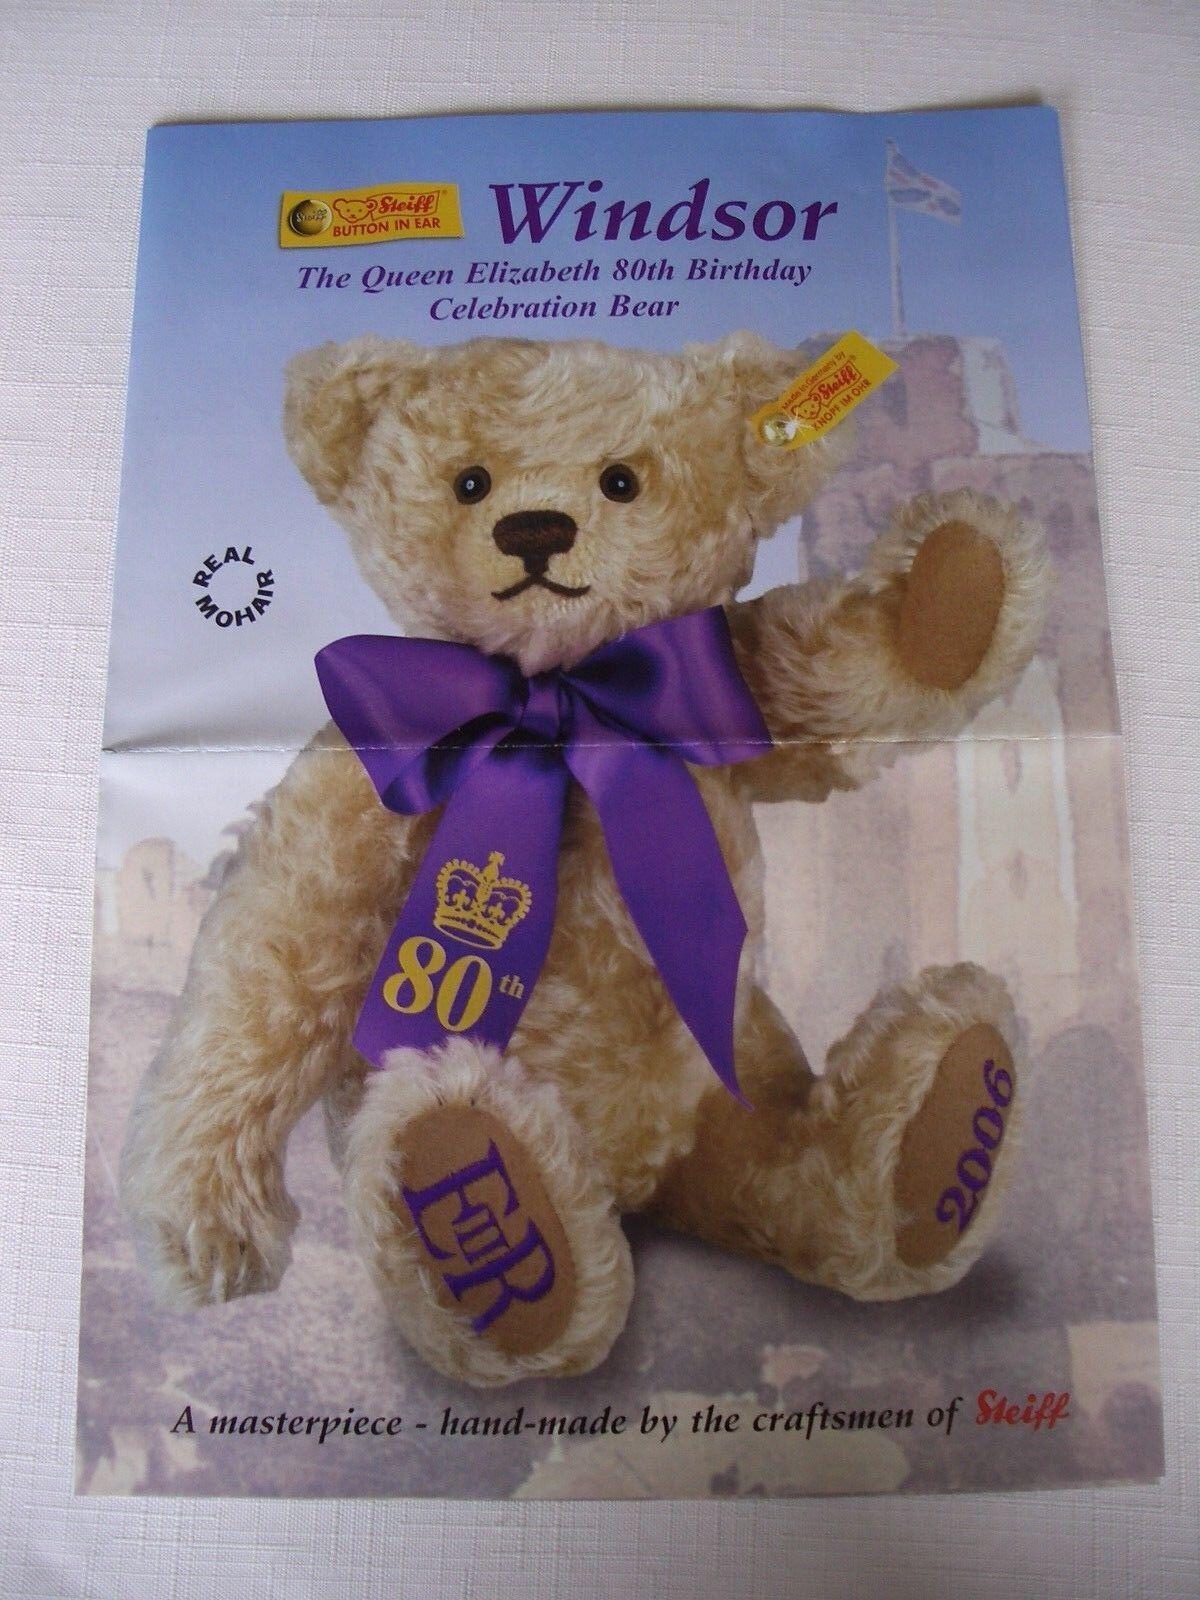 STEIFF WINDSOR BEAR – THE QUEEN ELIZABETH ELIZABETH ELIZABETH 80TH BIRTHDAY CELEBRATION BEAR - 2006 9a7a90